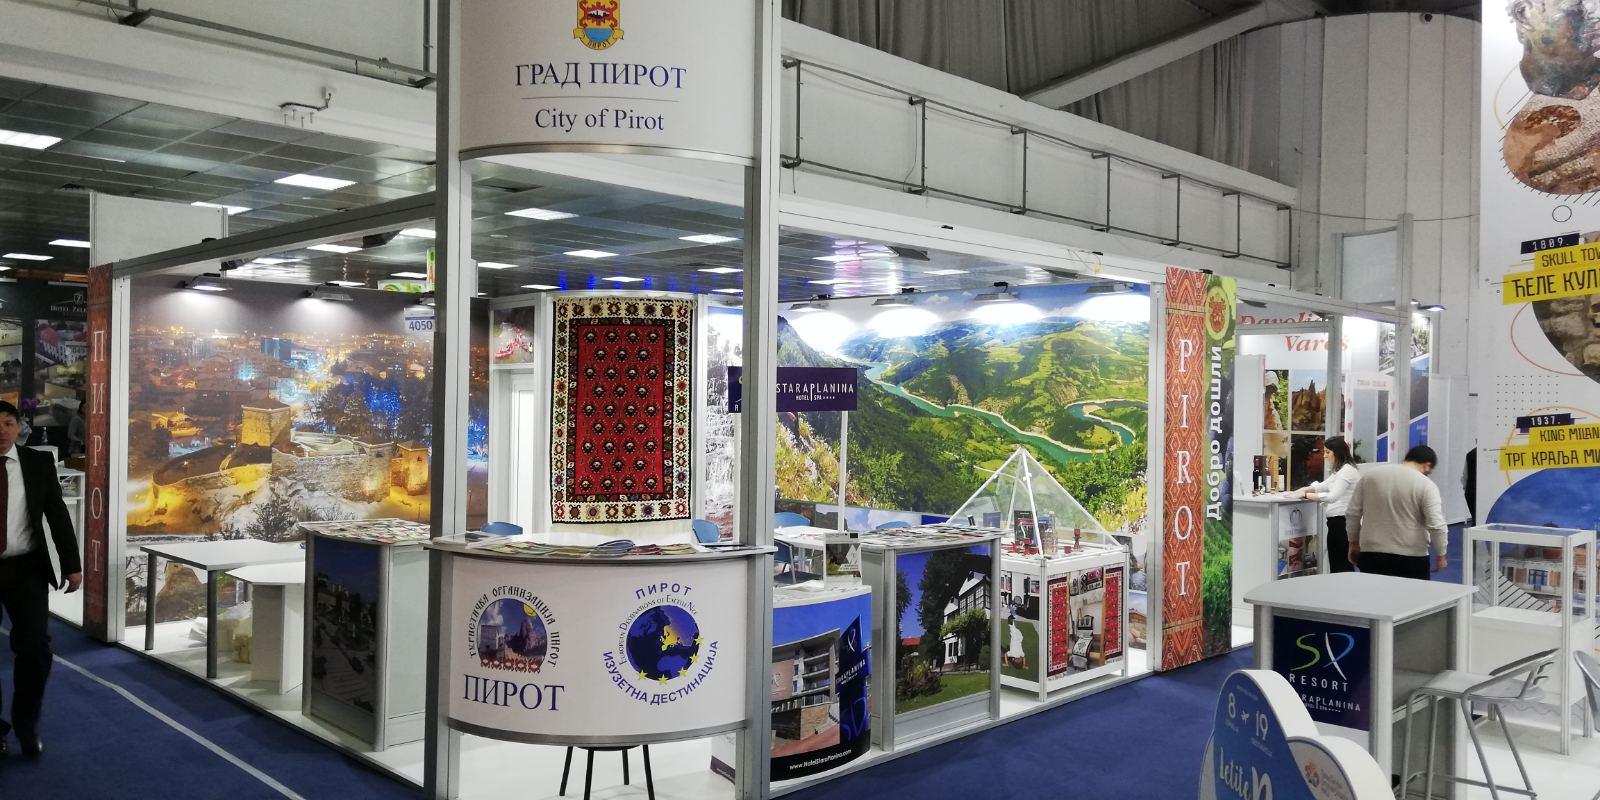 Photo of Međunarodni sajam turizma u Beogradu: Pirot kao idealna destinacija za avanturiste